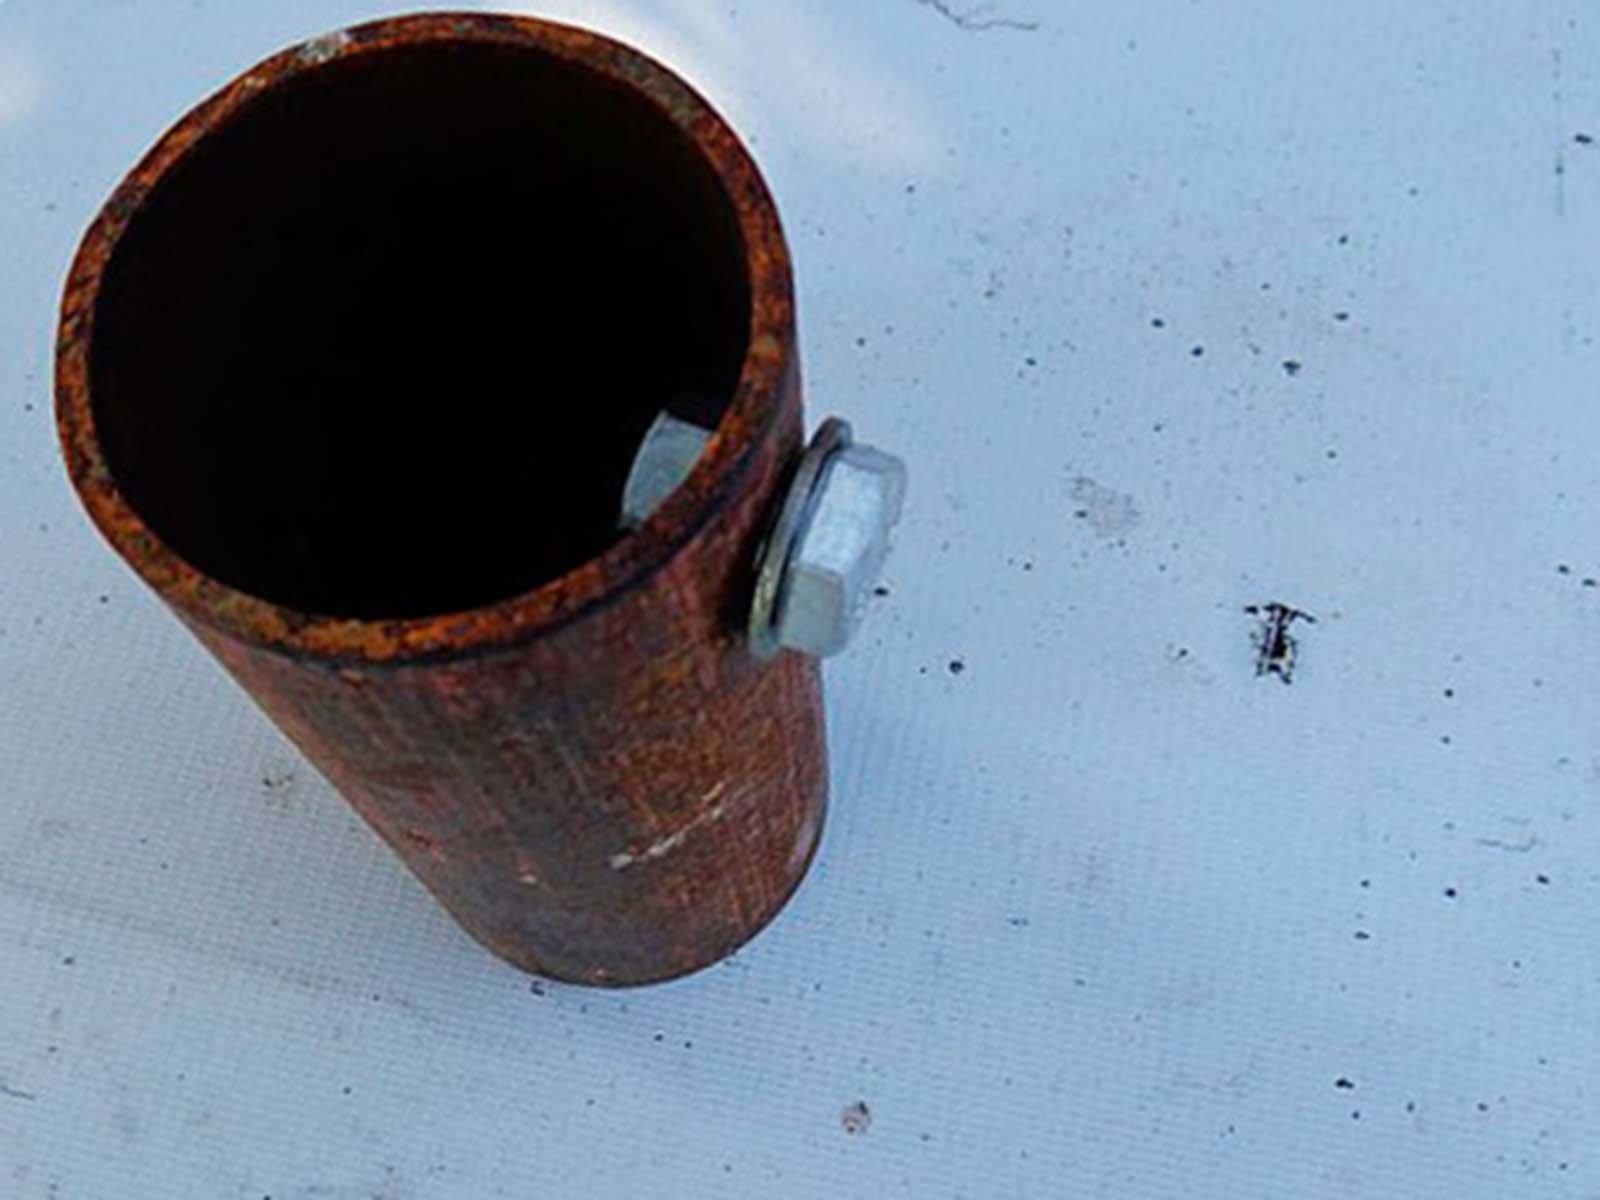 Выбираем подходящую трубу для изготовления барабана для лебедки